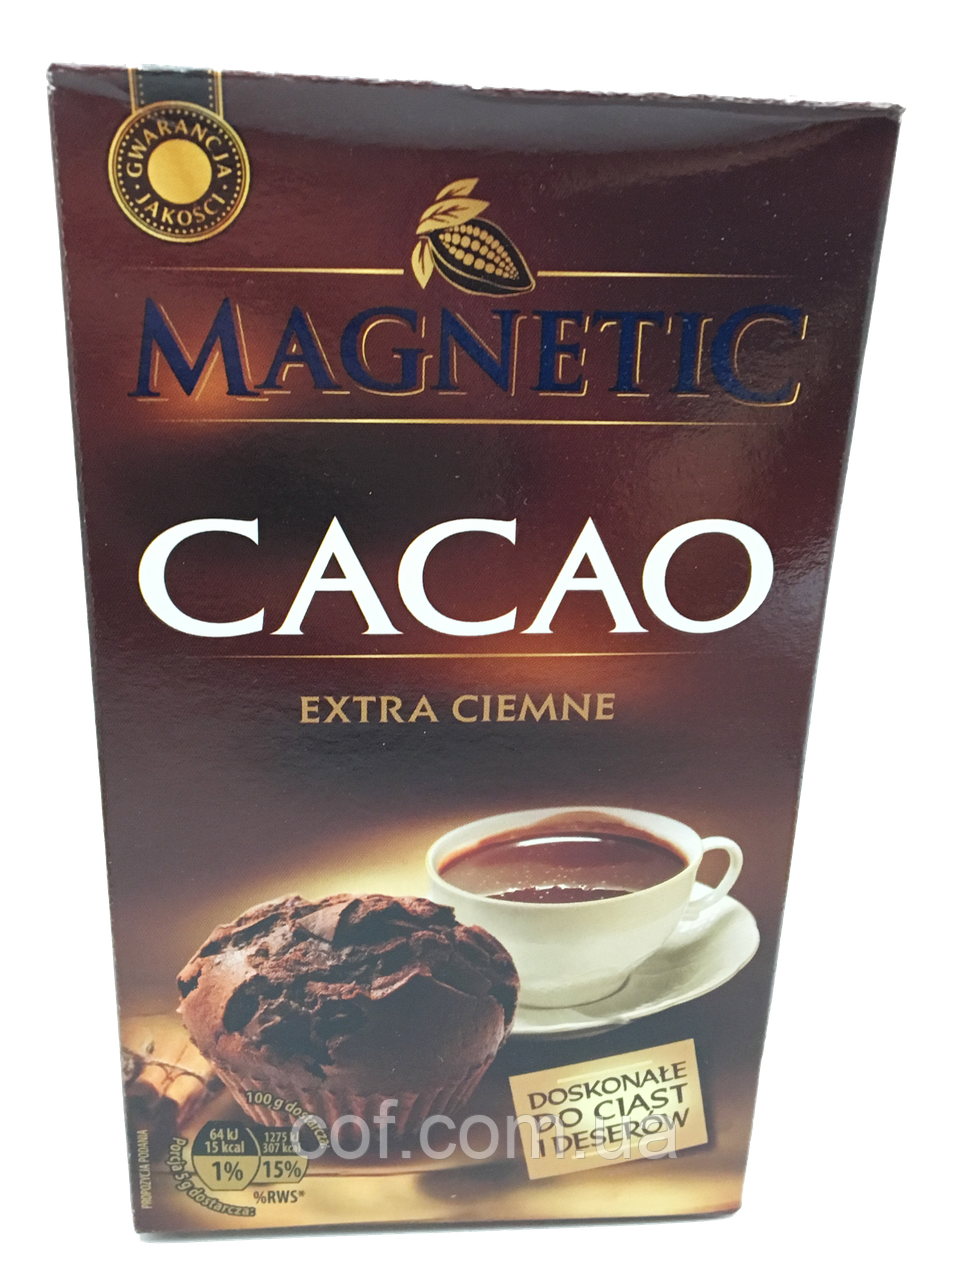 Какао Magnetic Cacao Extra Ciemne (Польша)